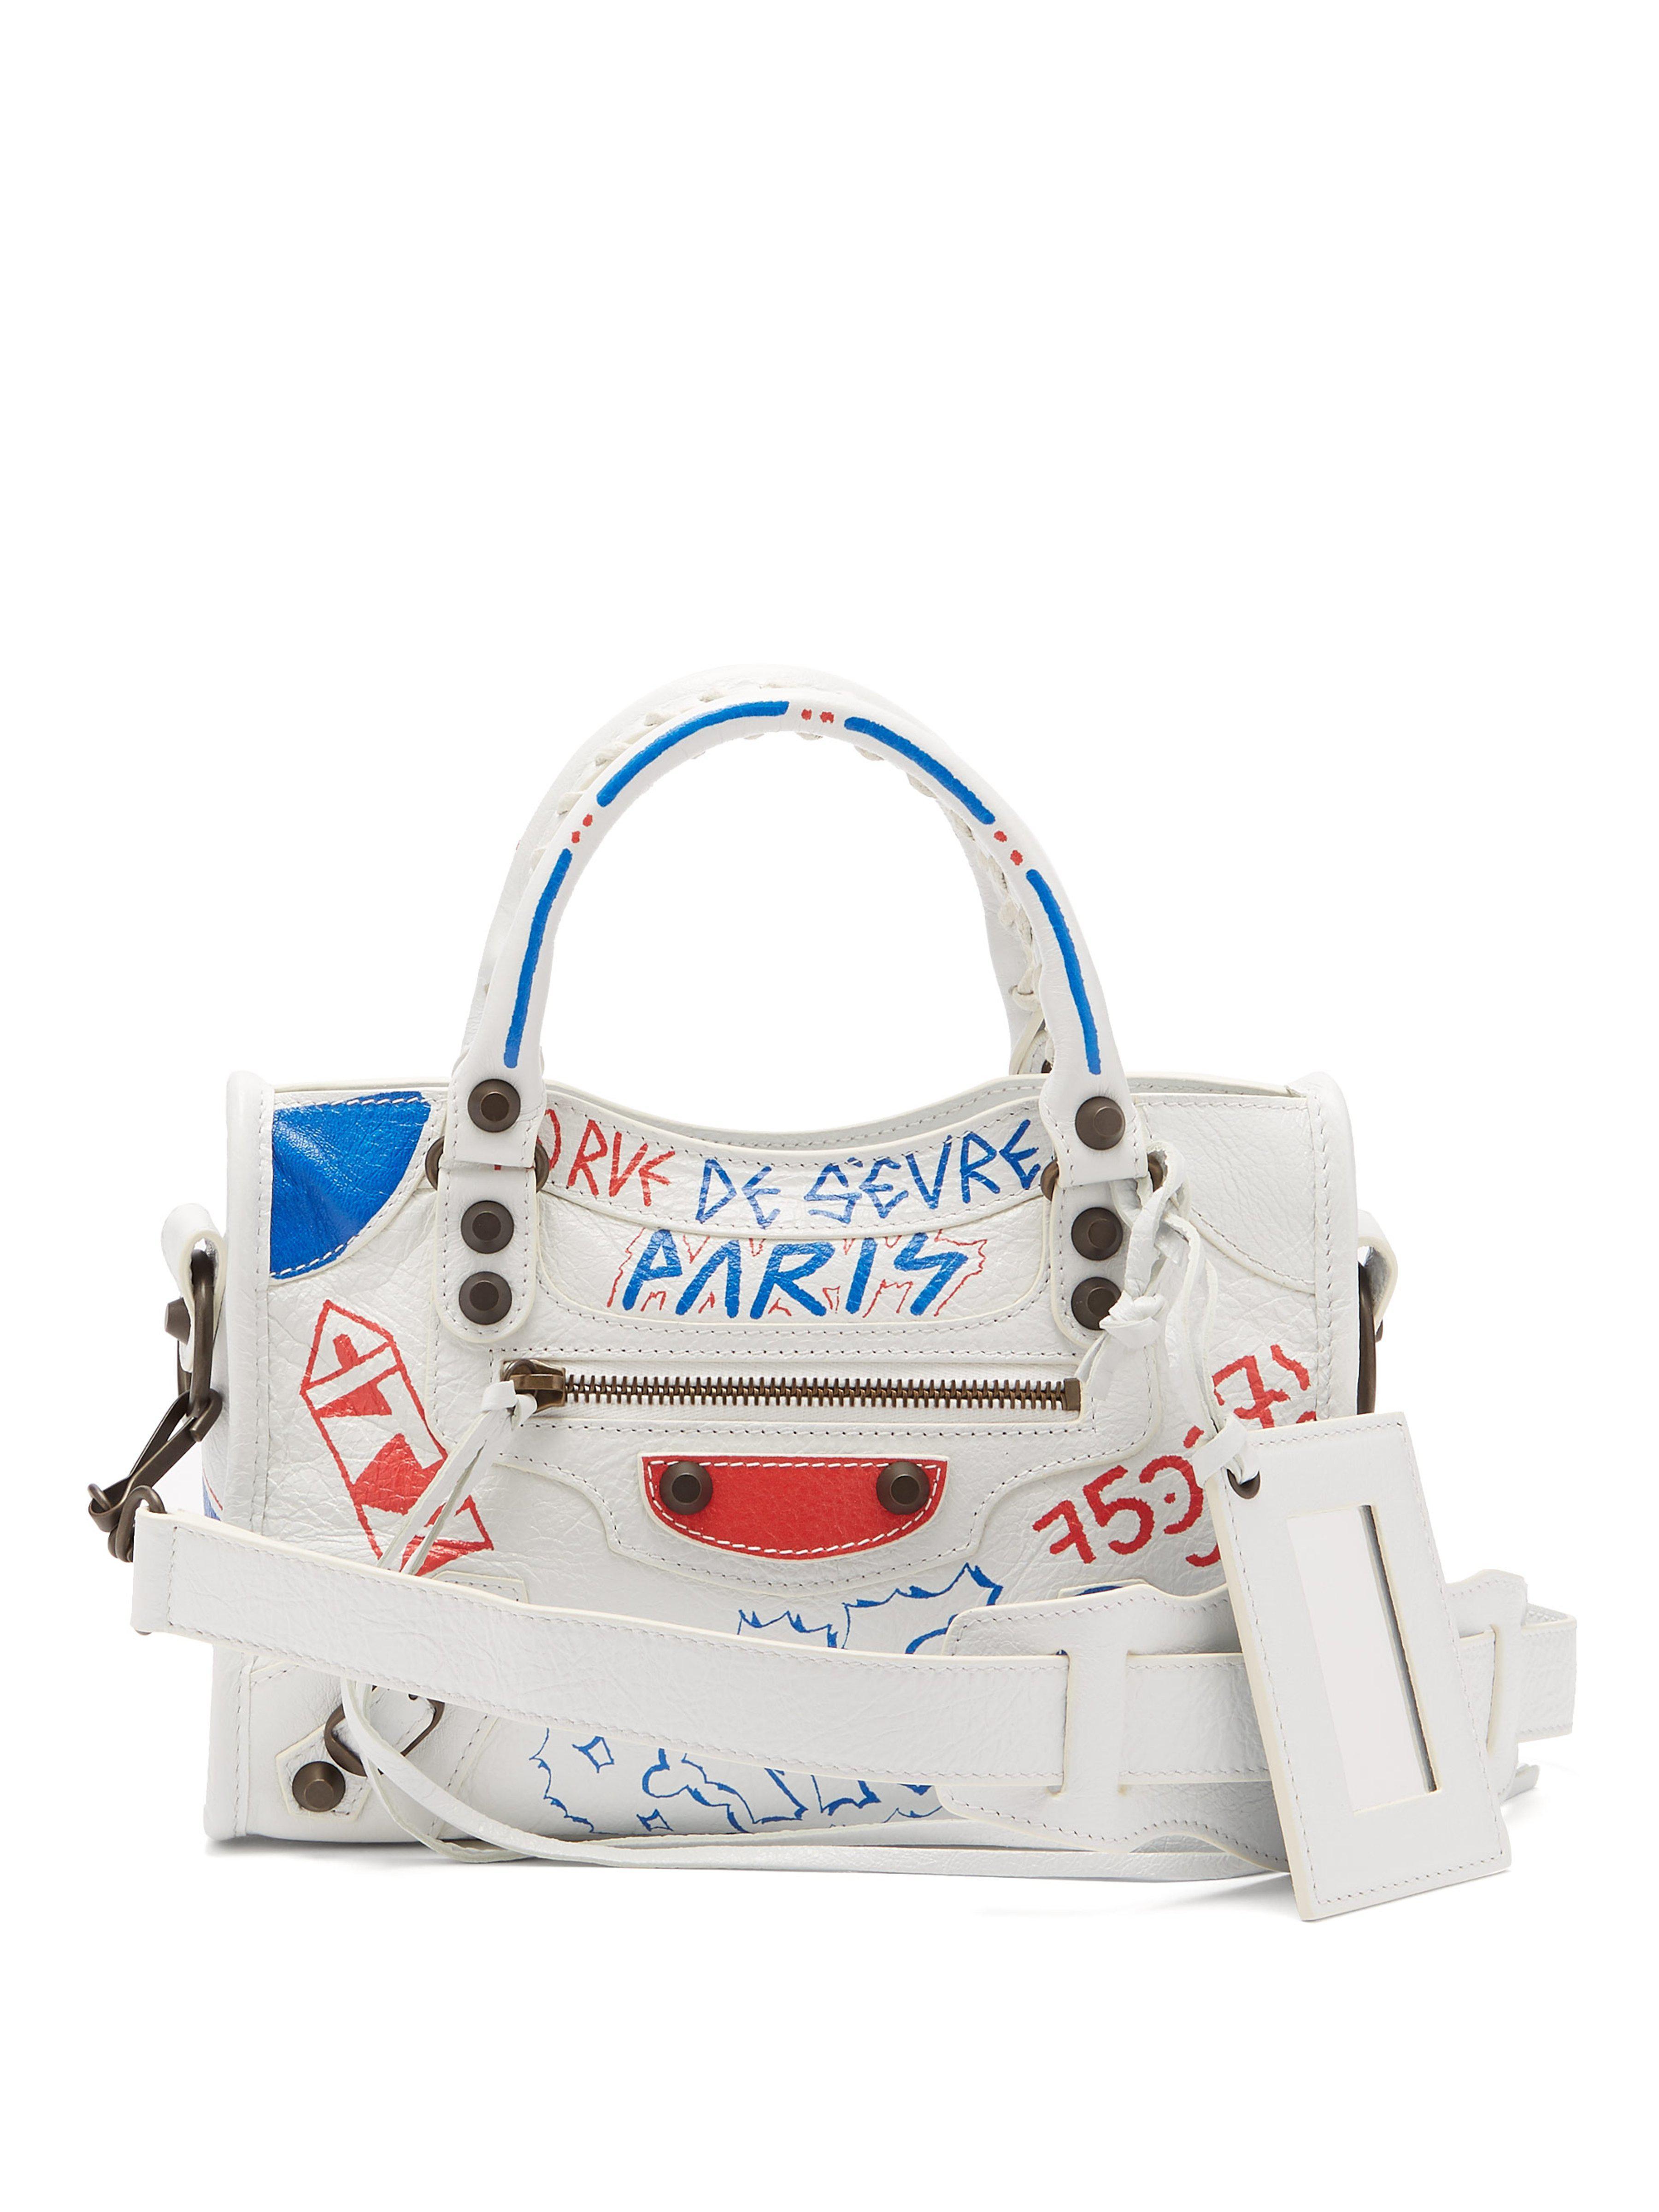 fd4bd6e18f Balenciaga Classic City Mini Graffiti Printed Leather Bag in White ...